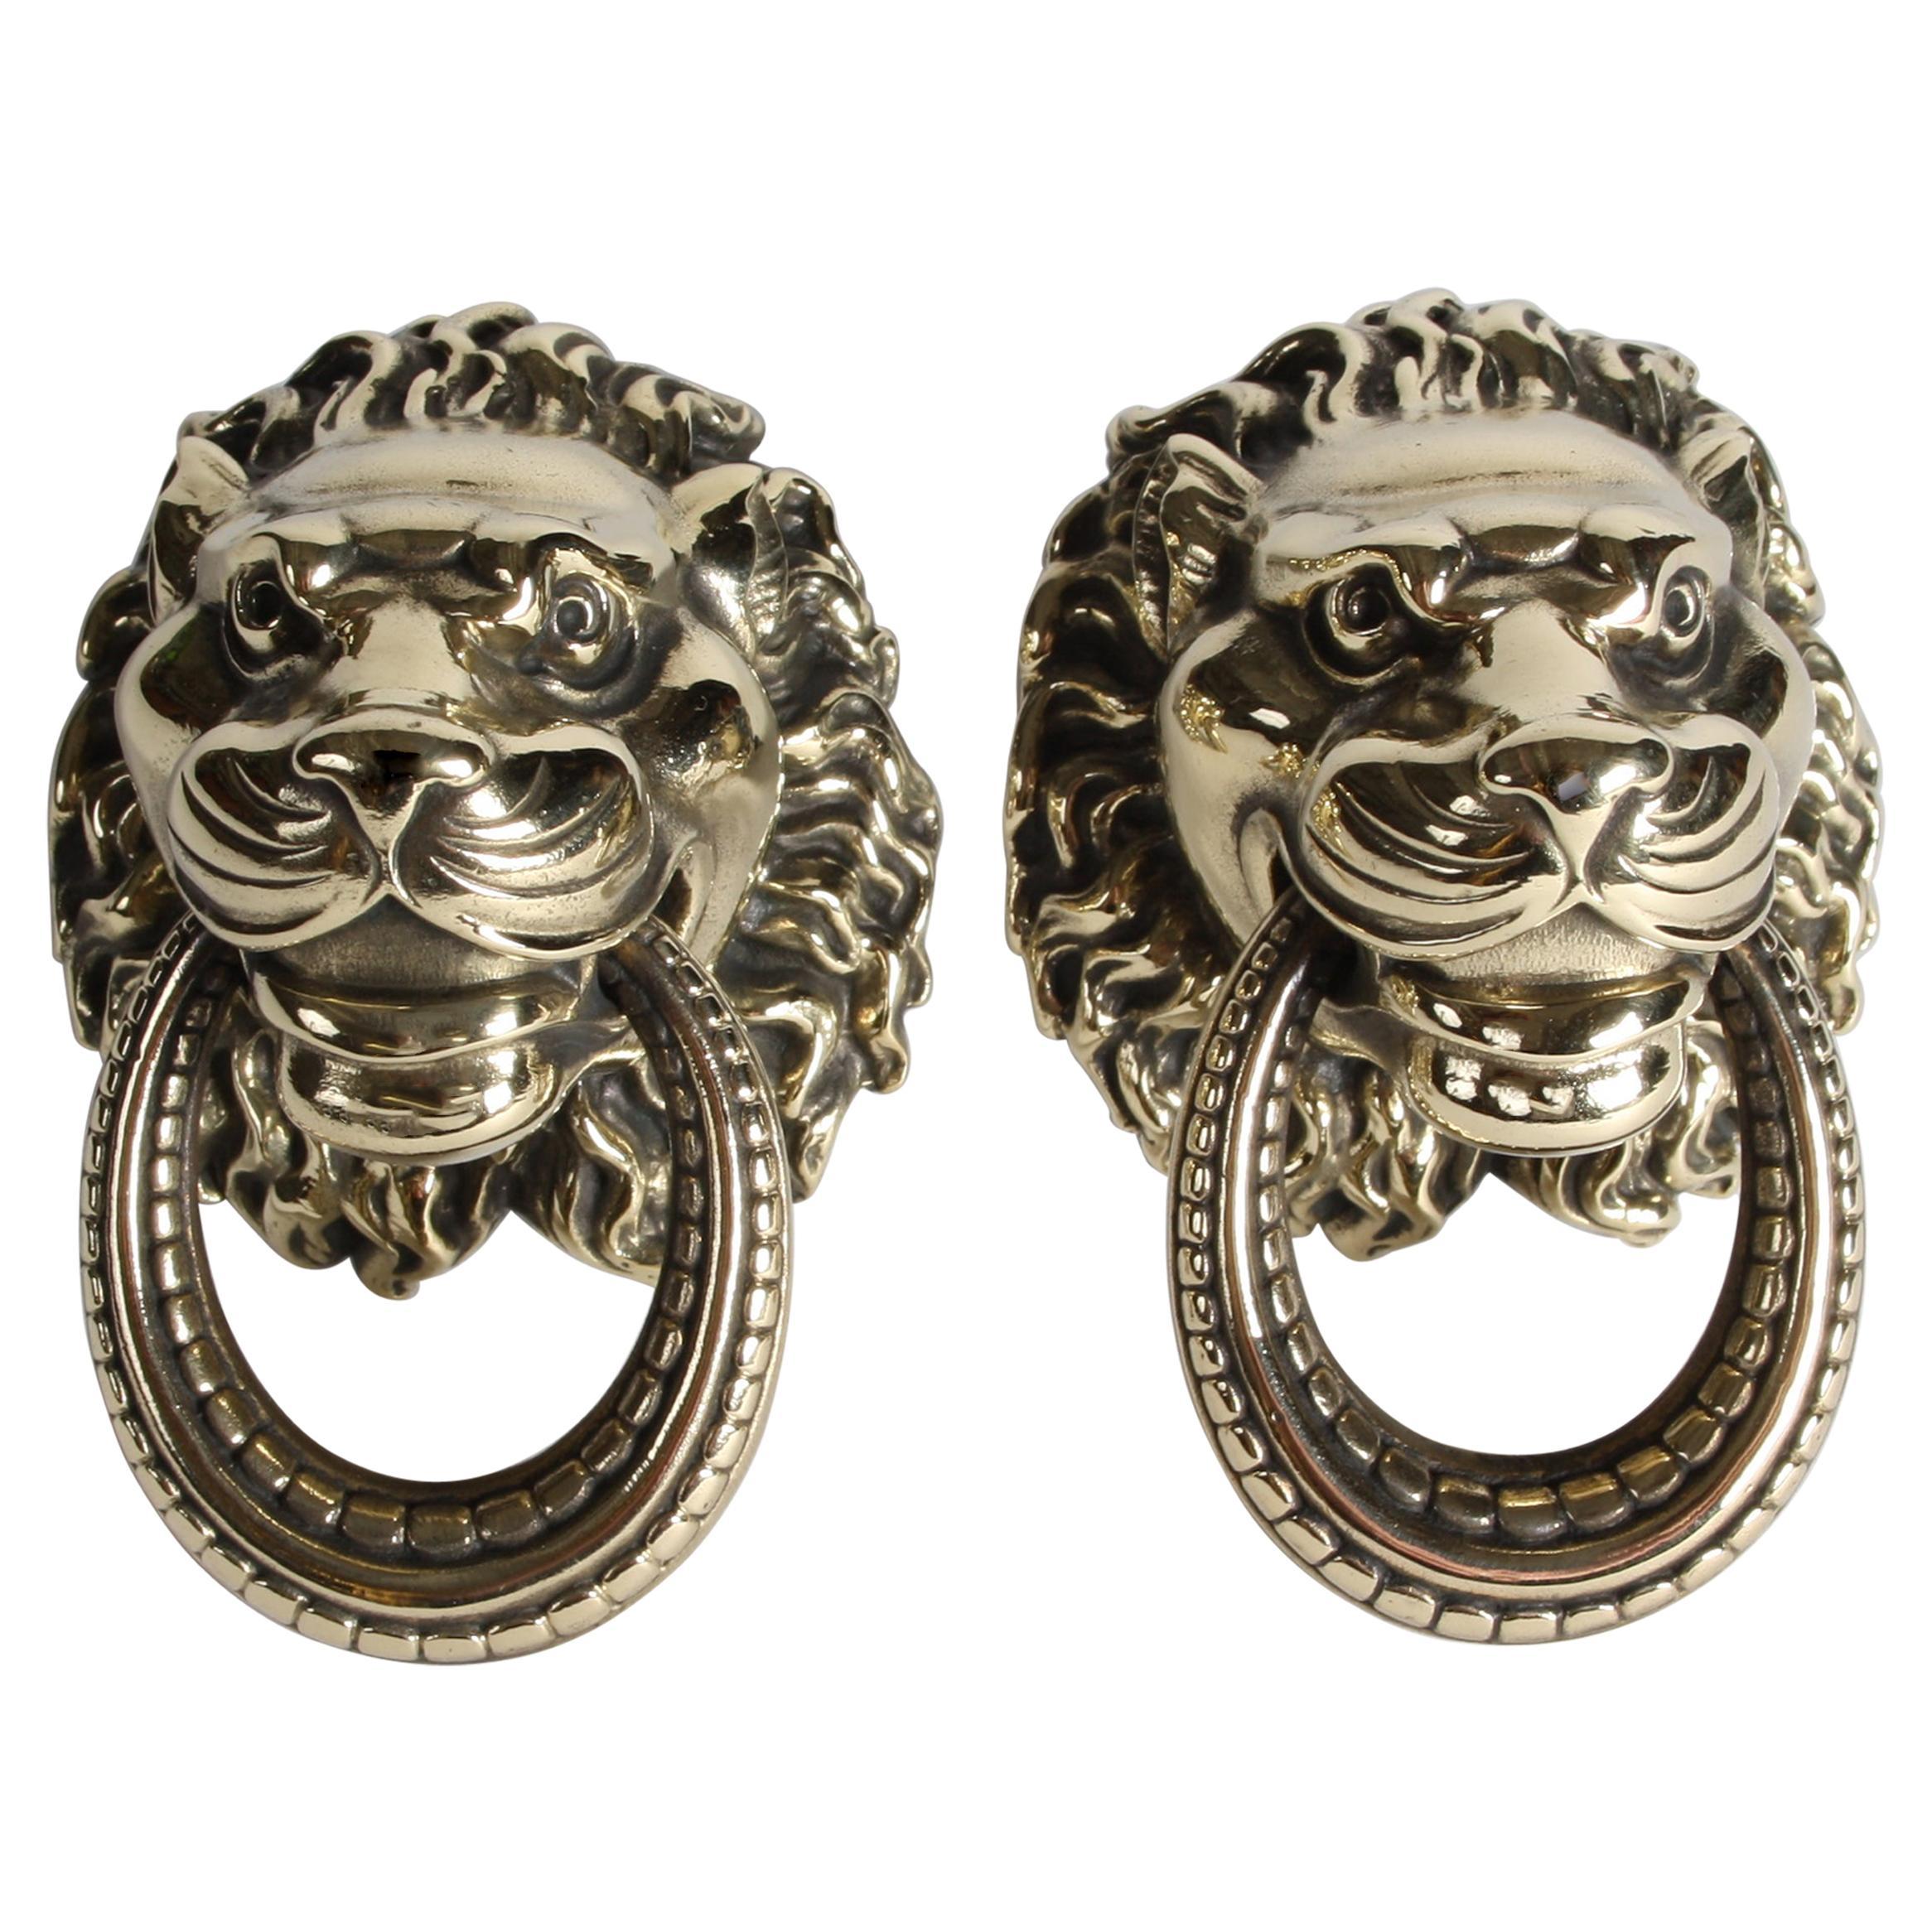 Pair of 19th Century Brass Lions Head Door Pulls